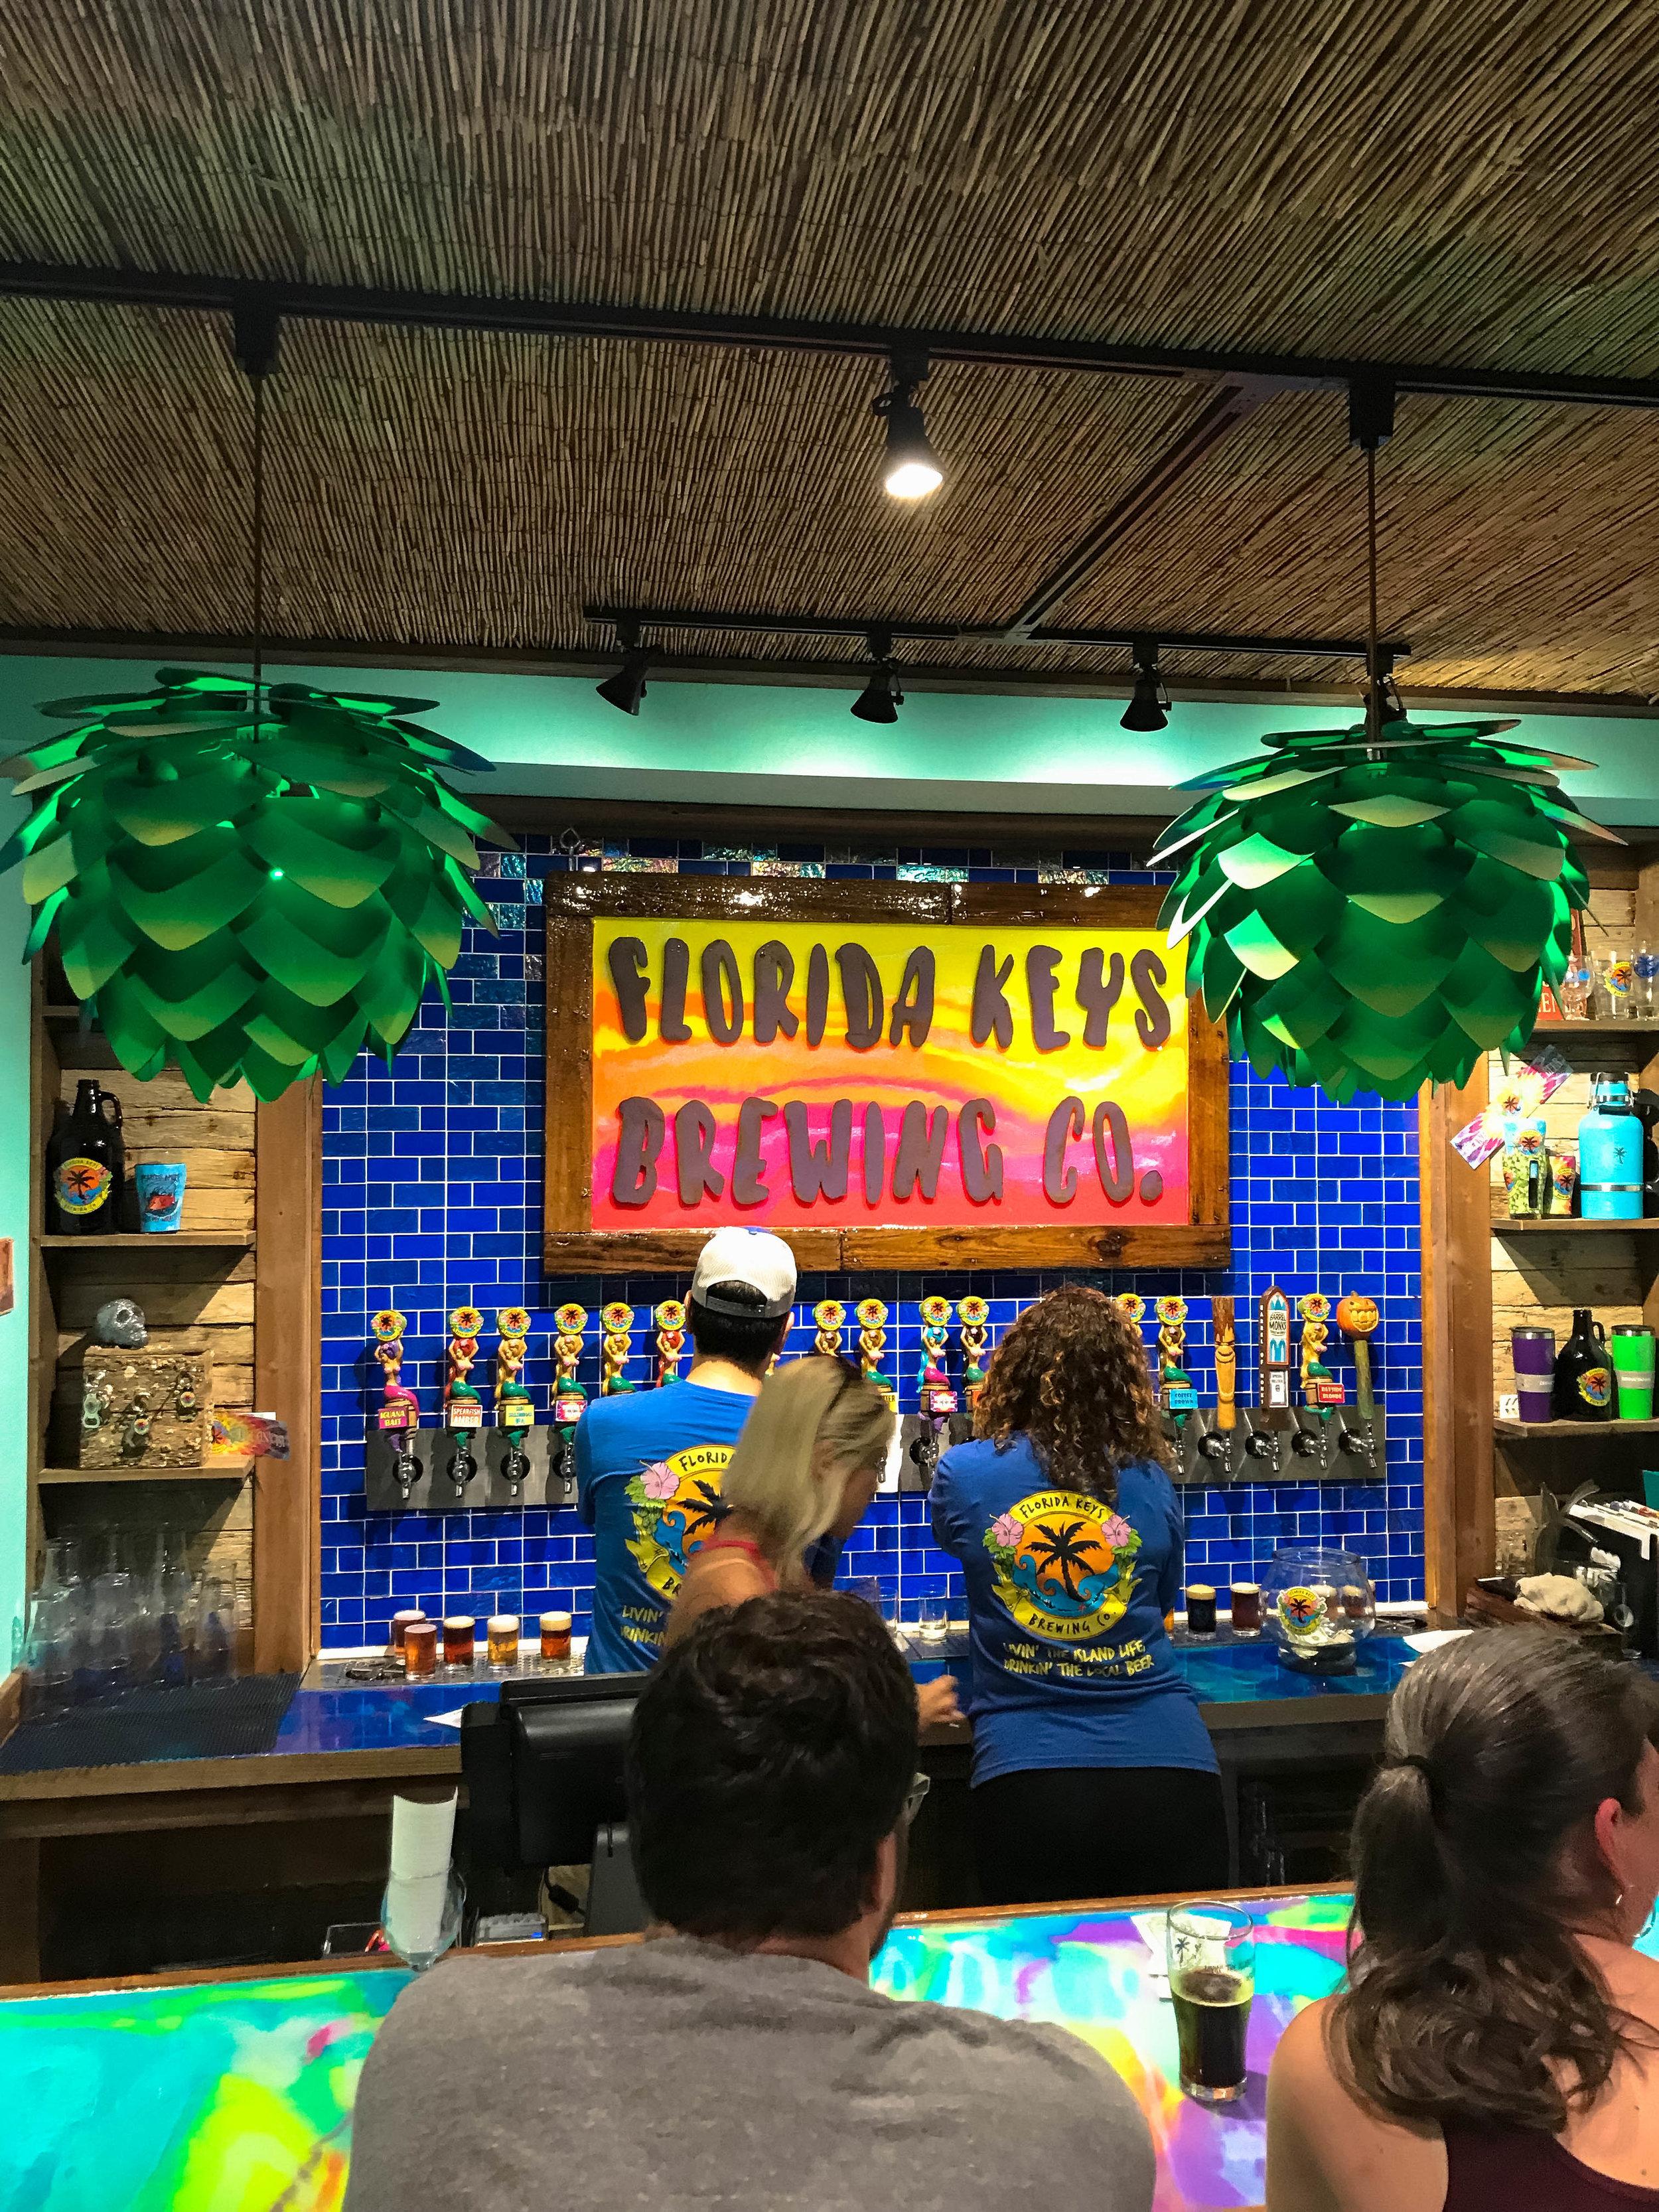 The bar at Florida Keys Brewing Co.